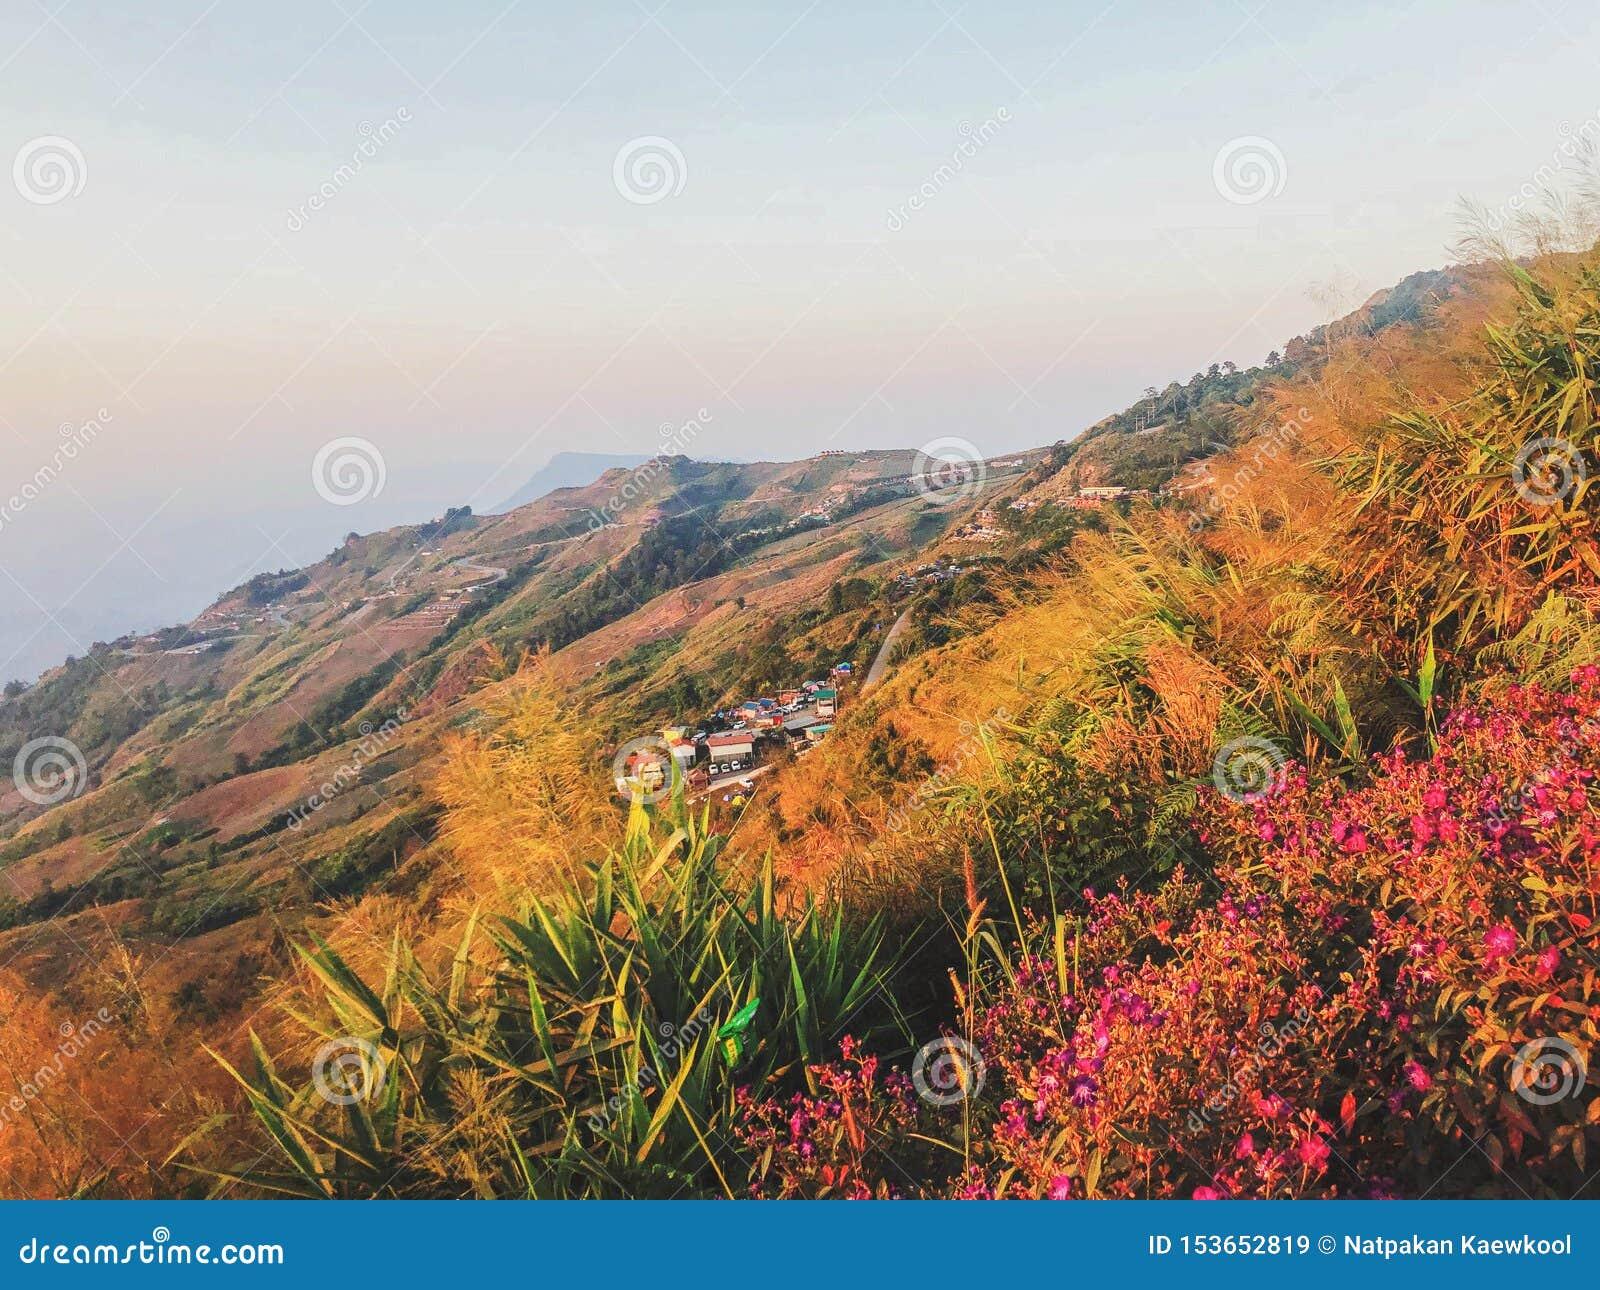 Alto Mountain View